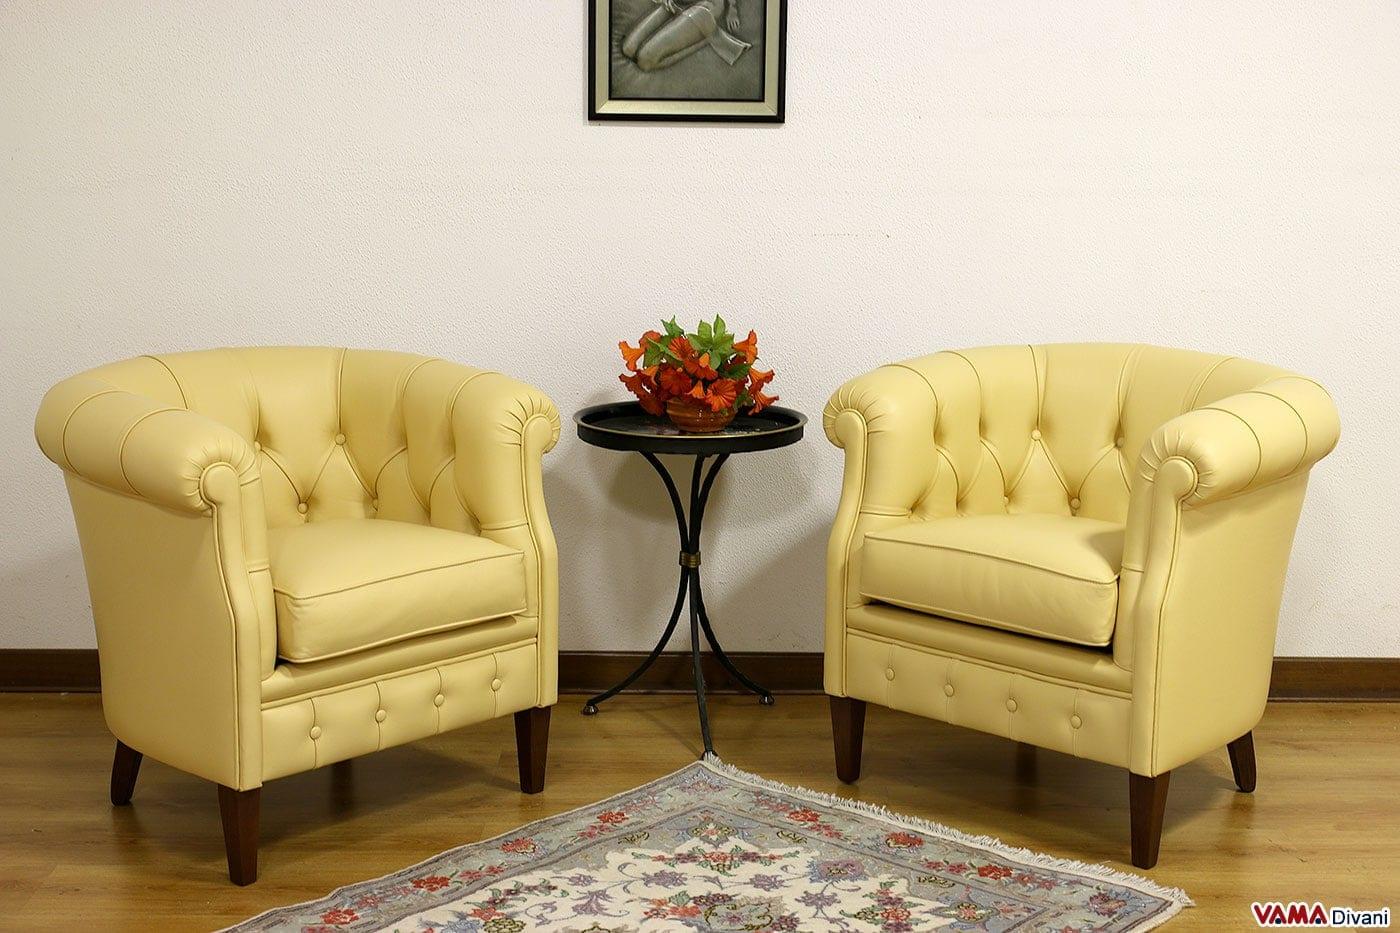 Poltroncina per camera da letto classica prezzi e misure for Poltroncine in pelle